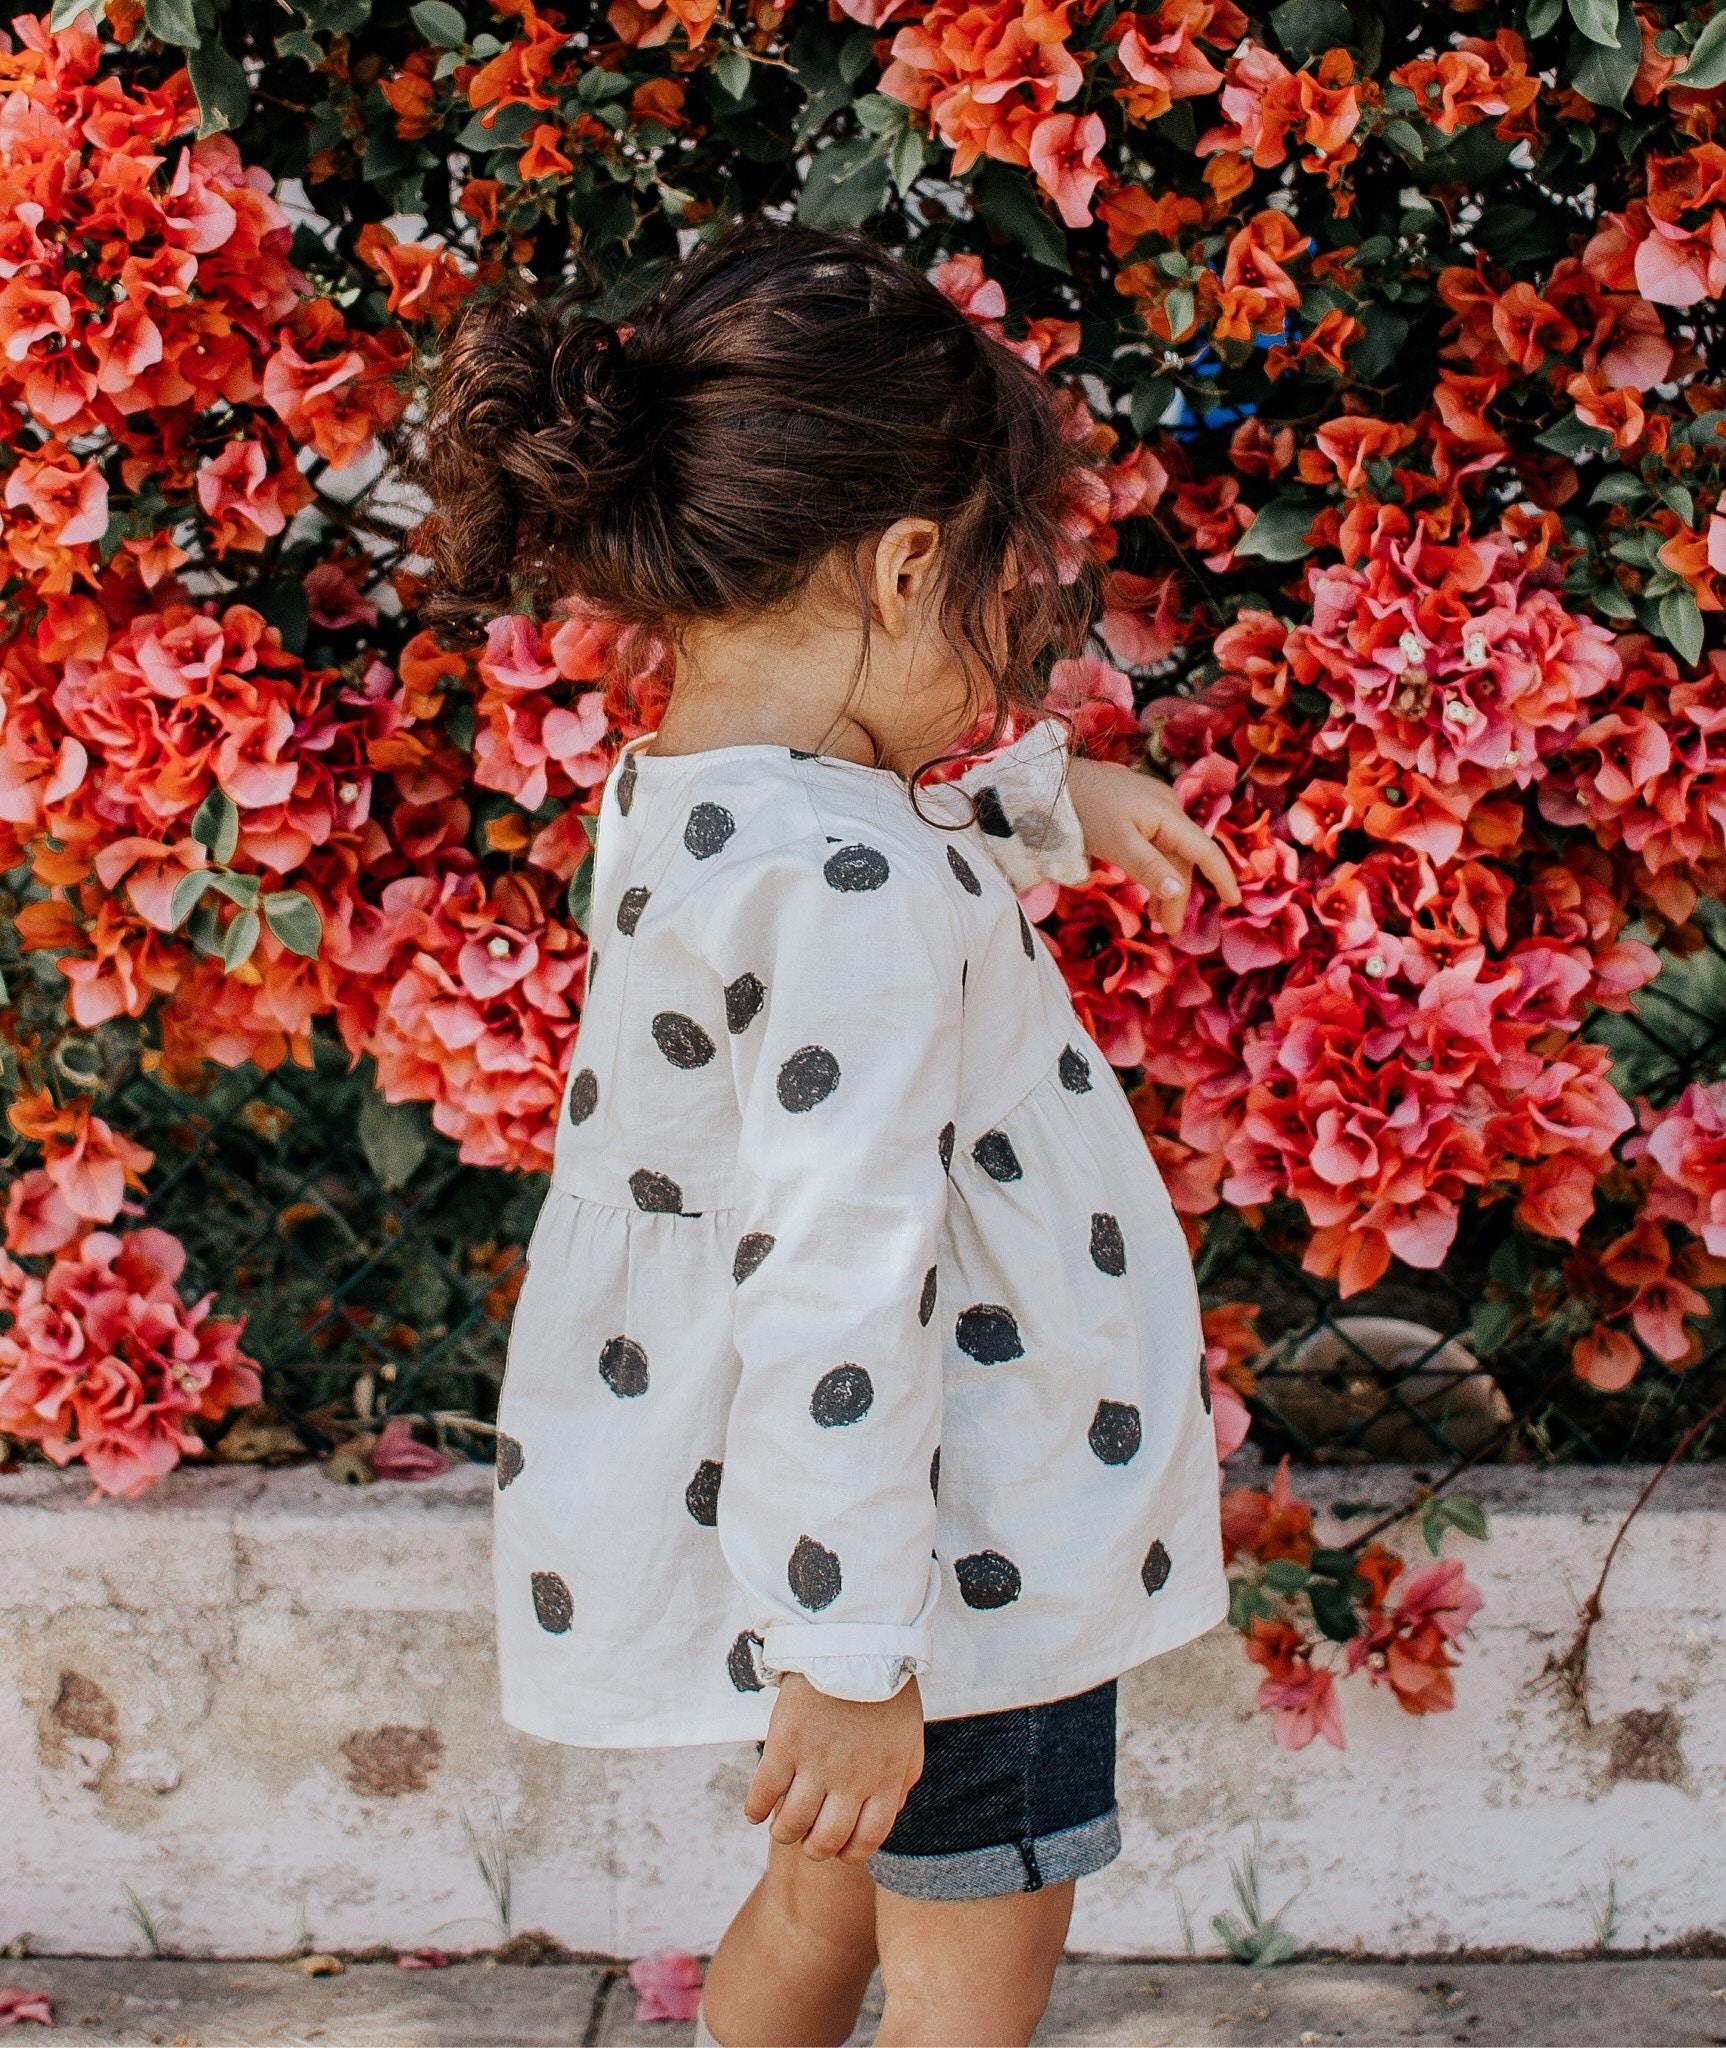 reutilizar roupa infantil